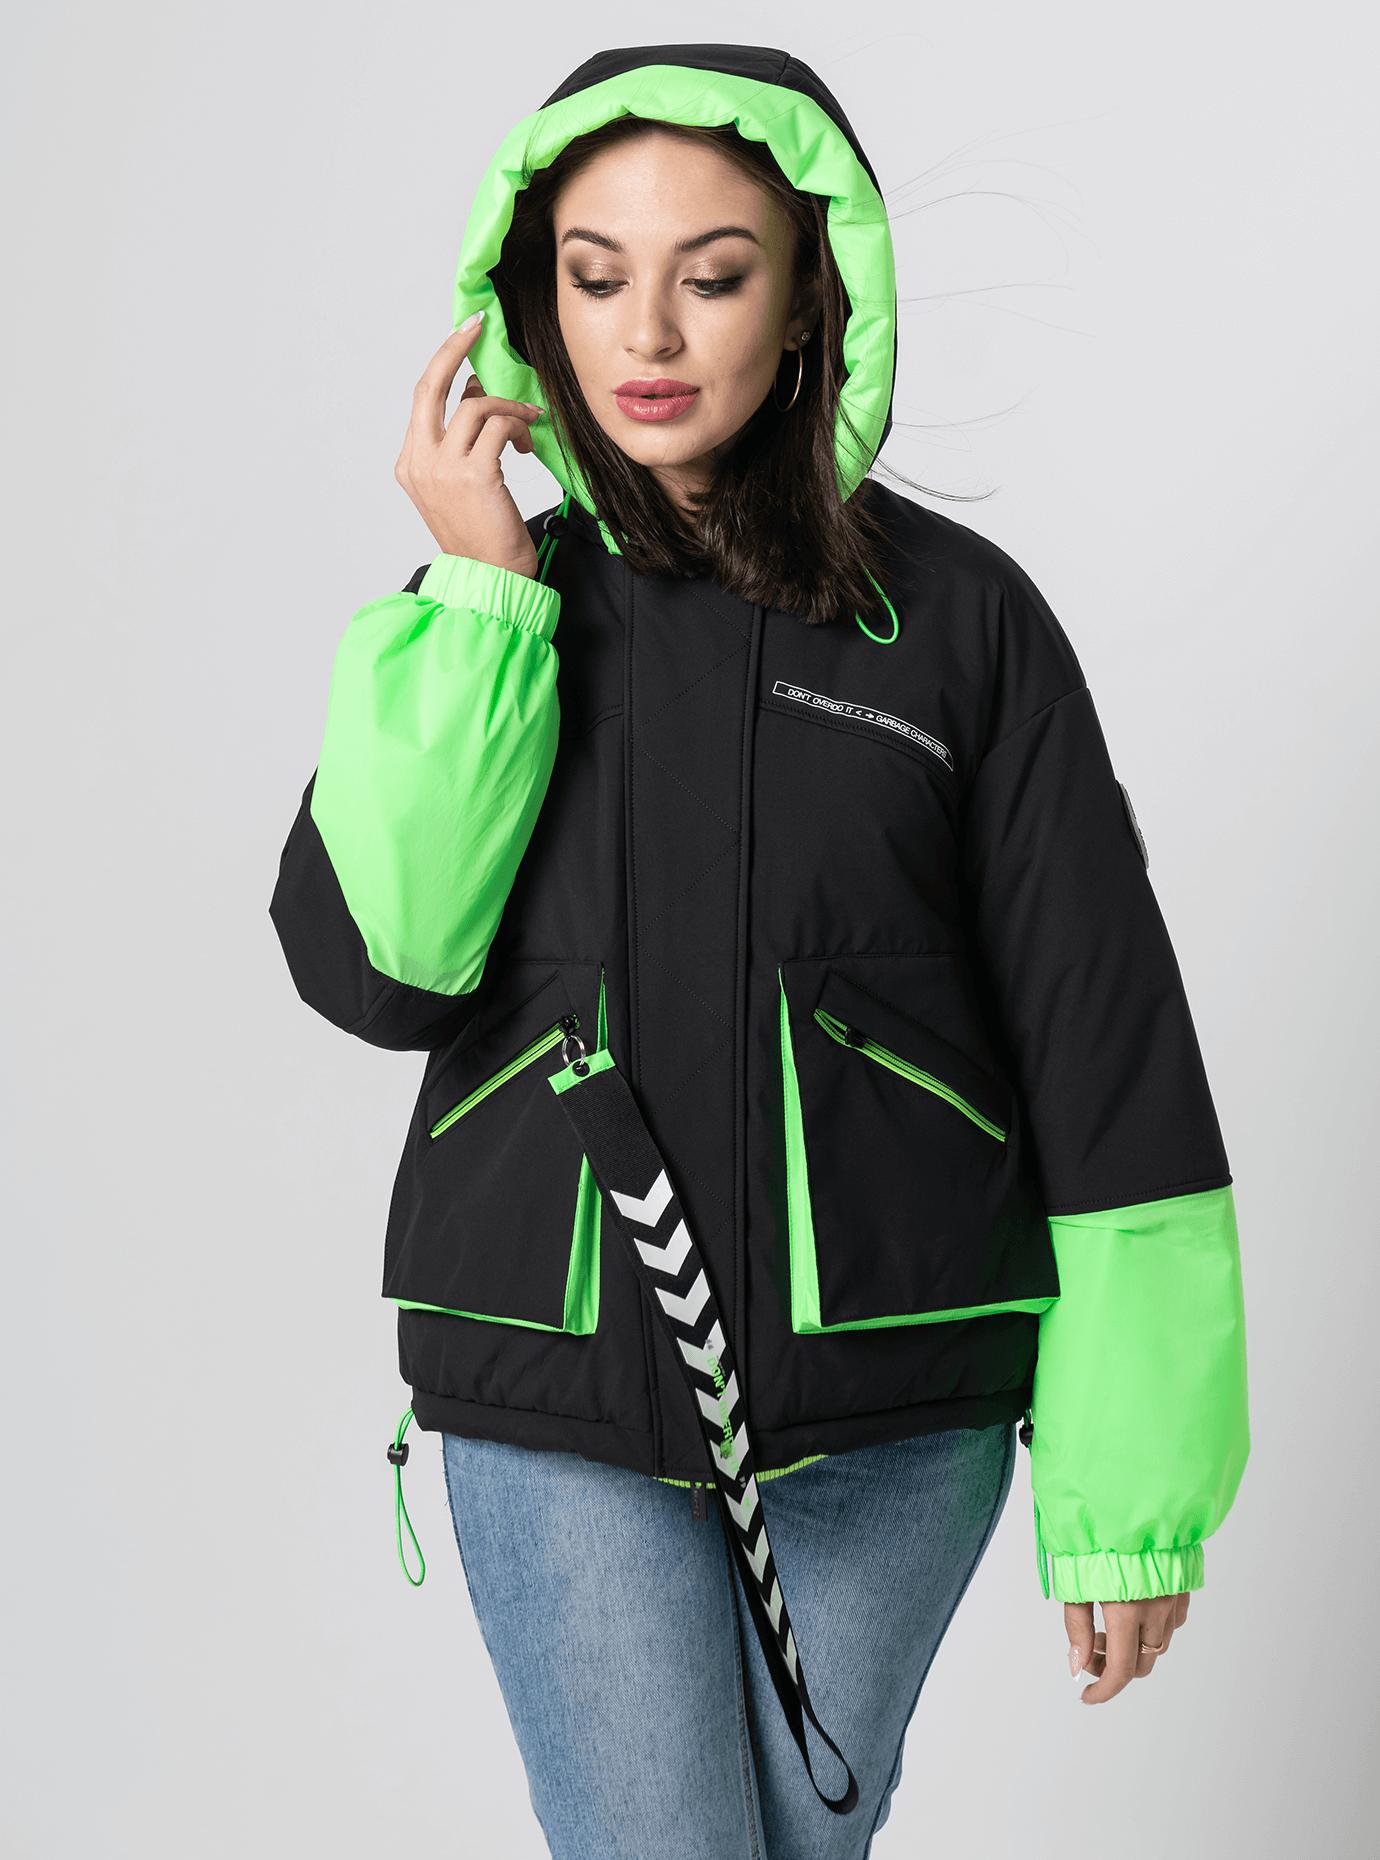 Куртка демисезонная короткая Зелёный L (02-Y191019): фото - Alster.ua